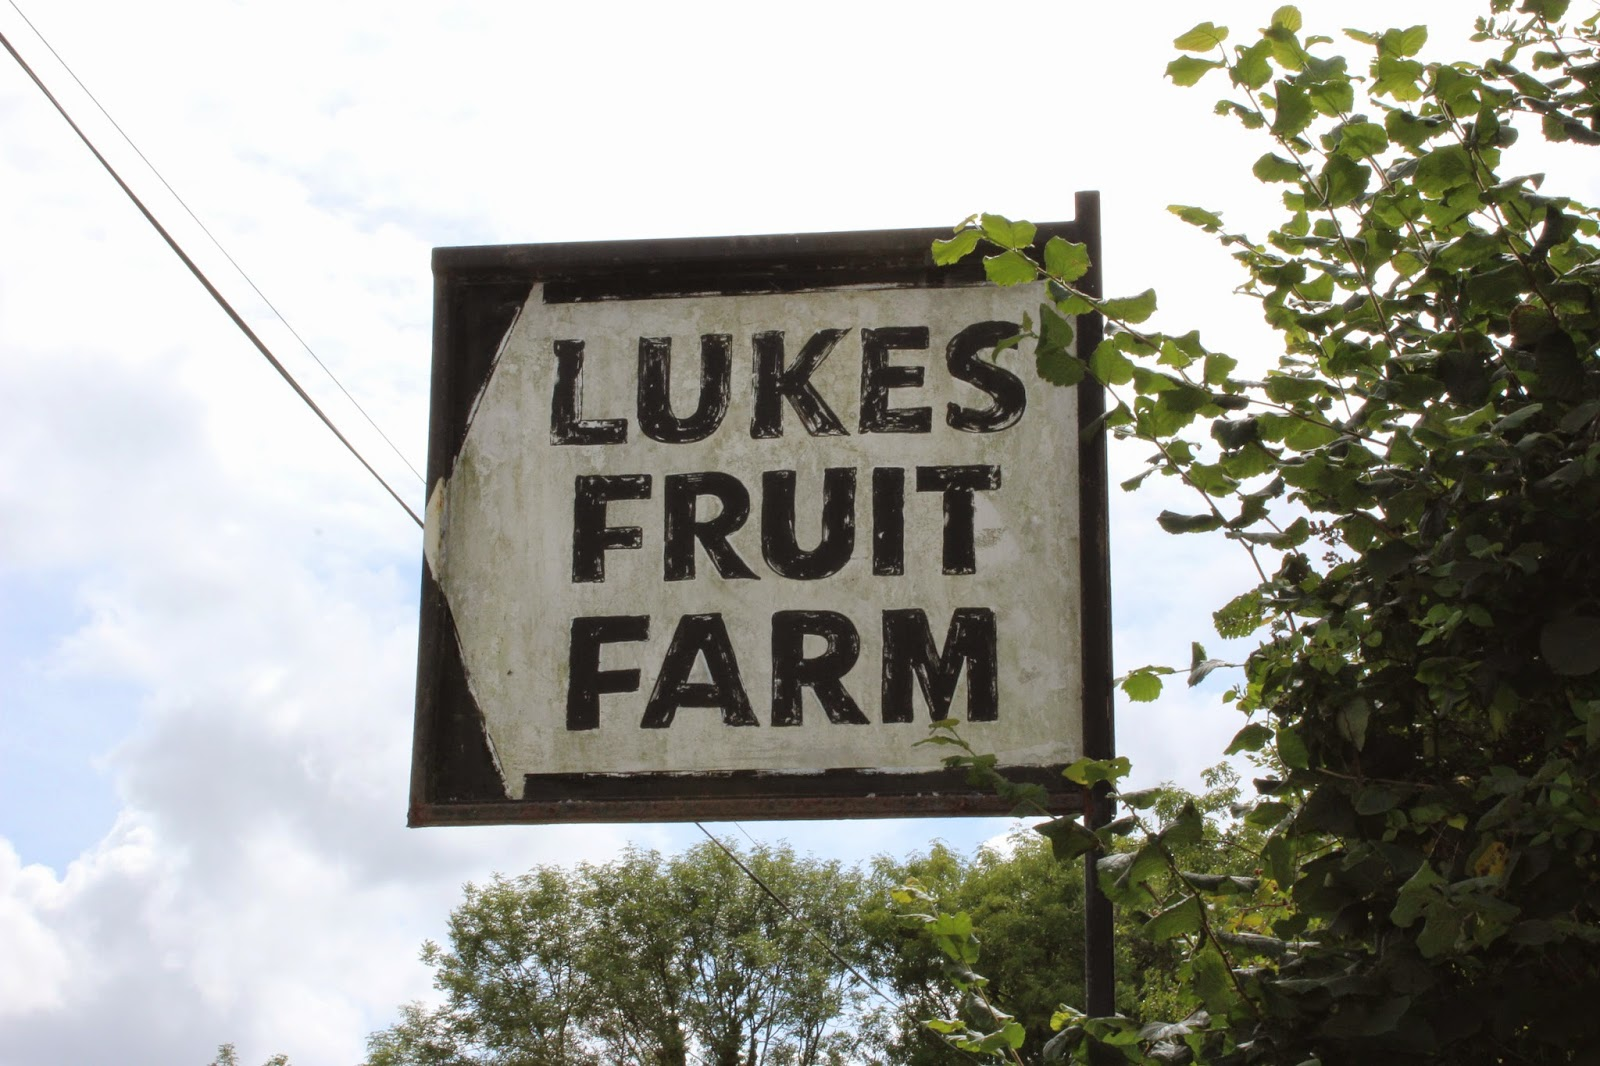 Lukes-fruit-farm